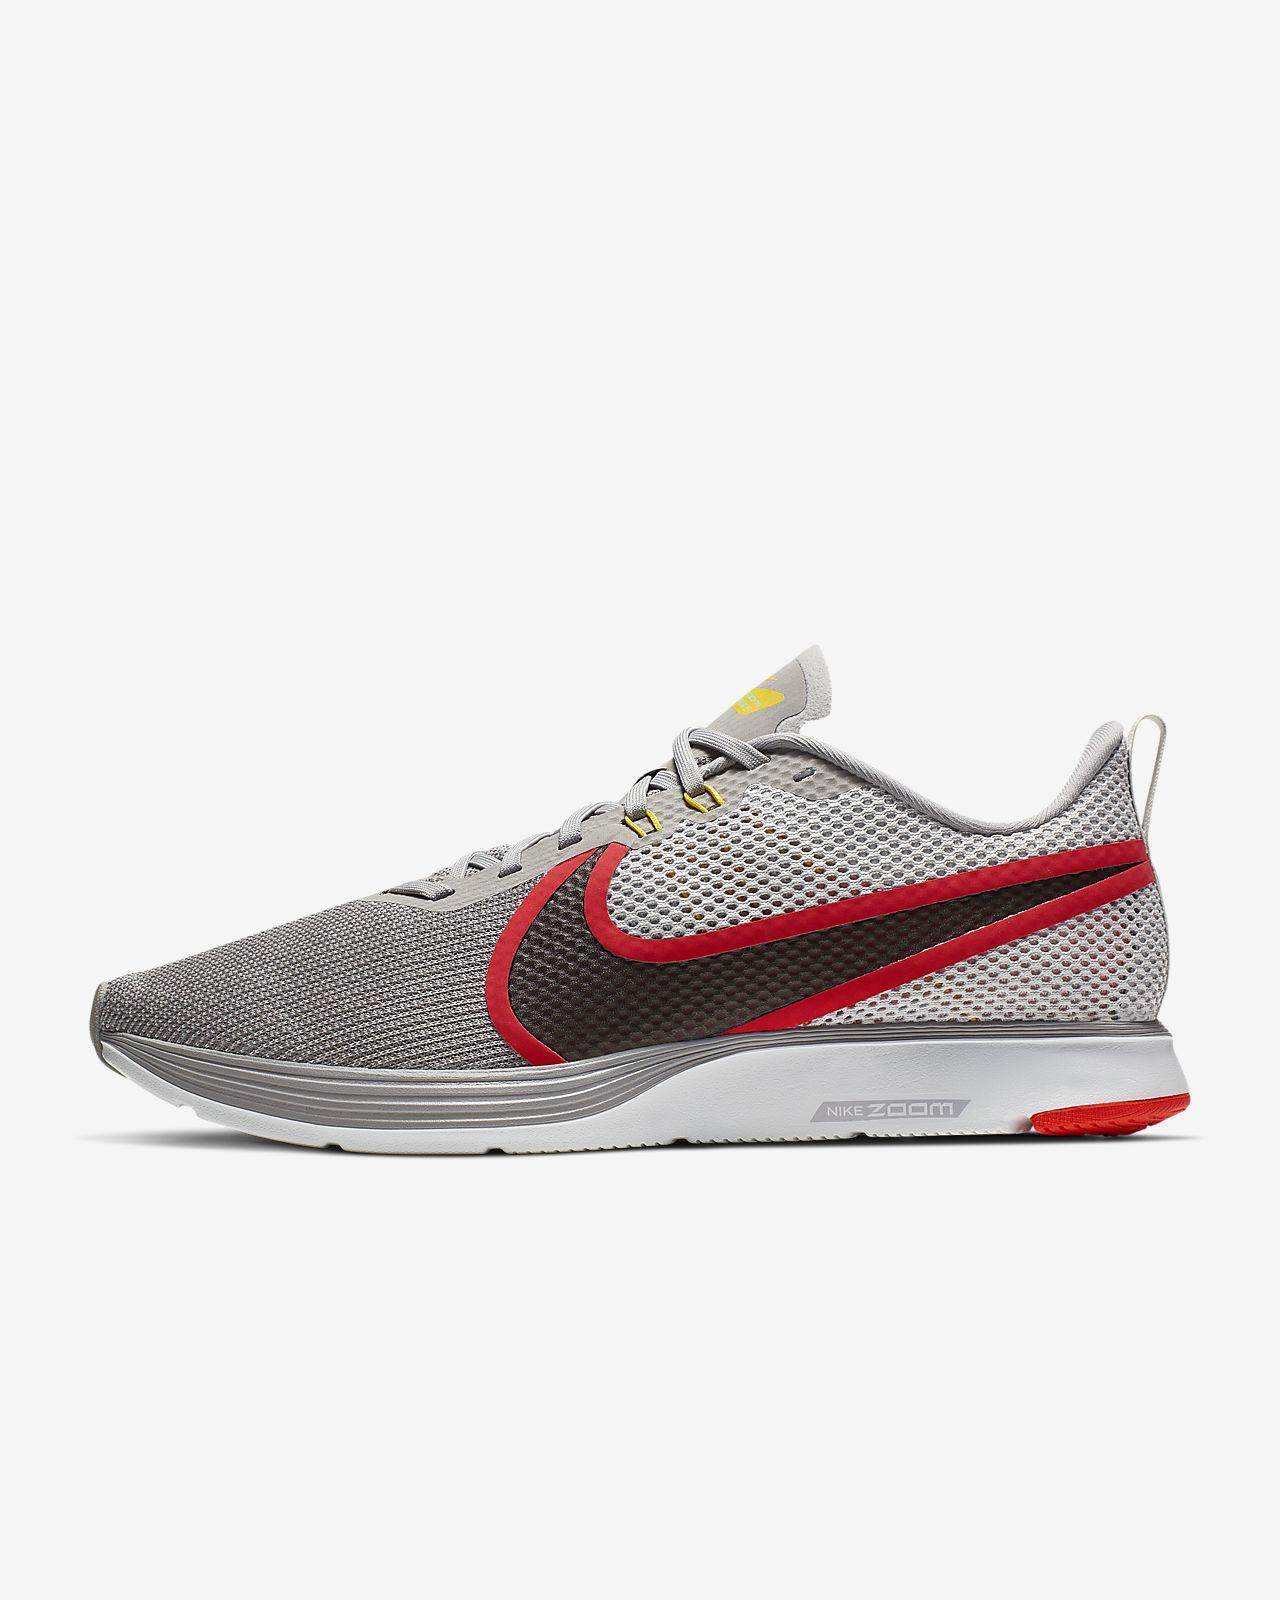 c18c51b15ff Nike Zoom Strike 2 Zapatillas de running - Hombre. Nike.com ES